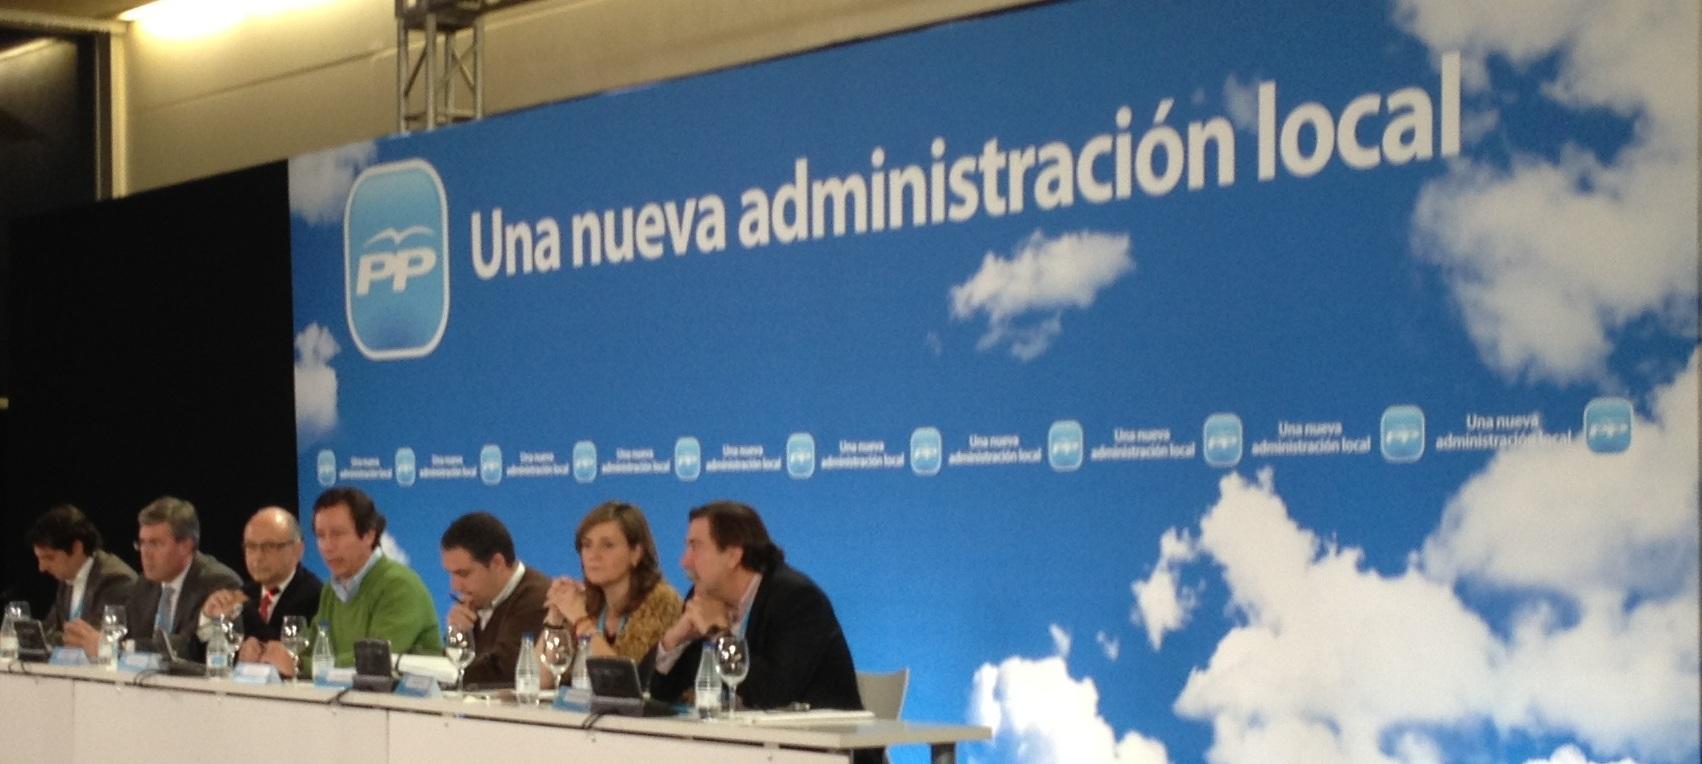 una_nueva_administracion_local